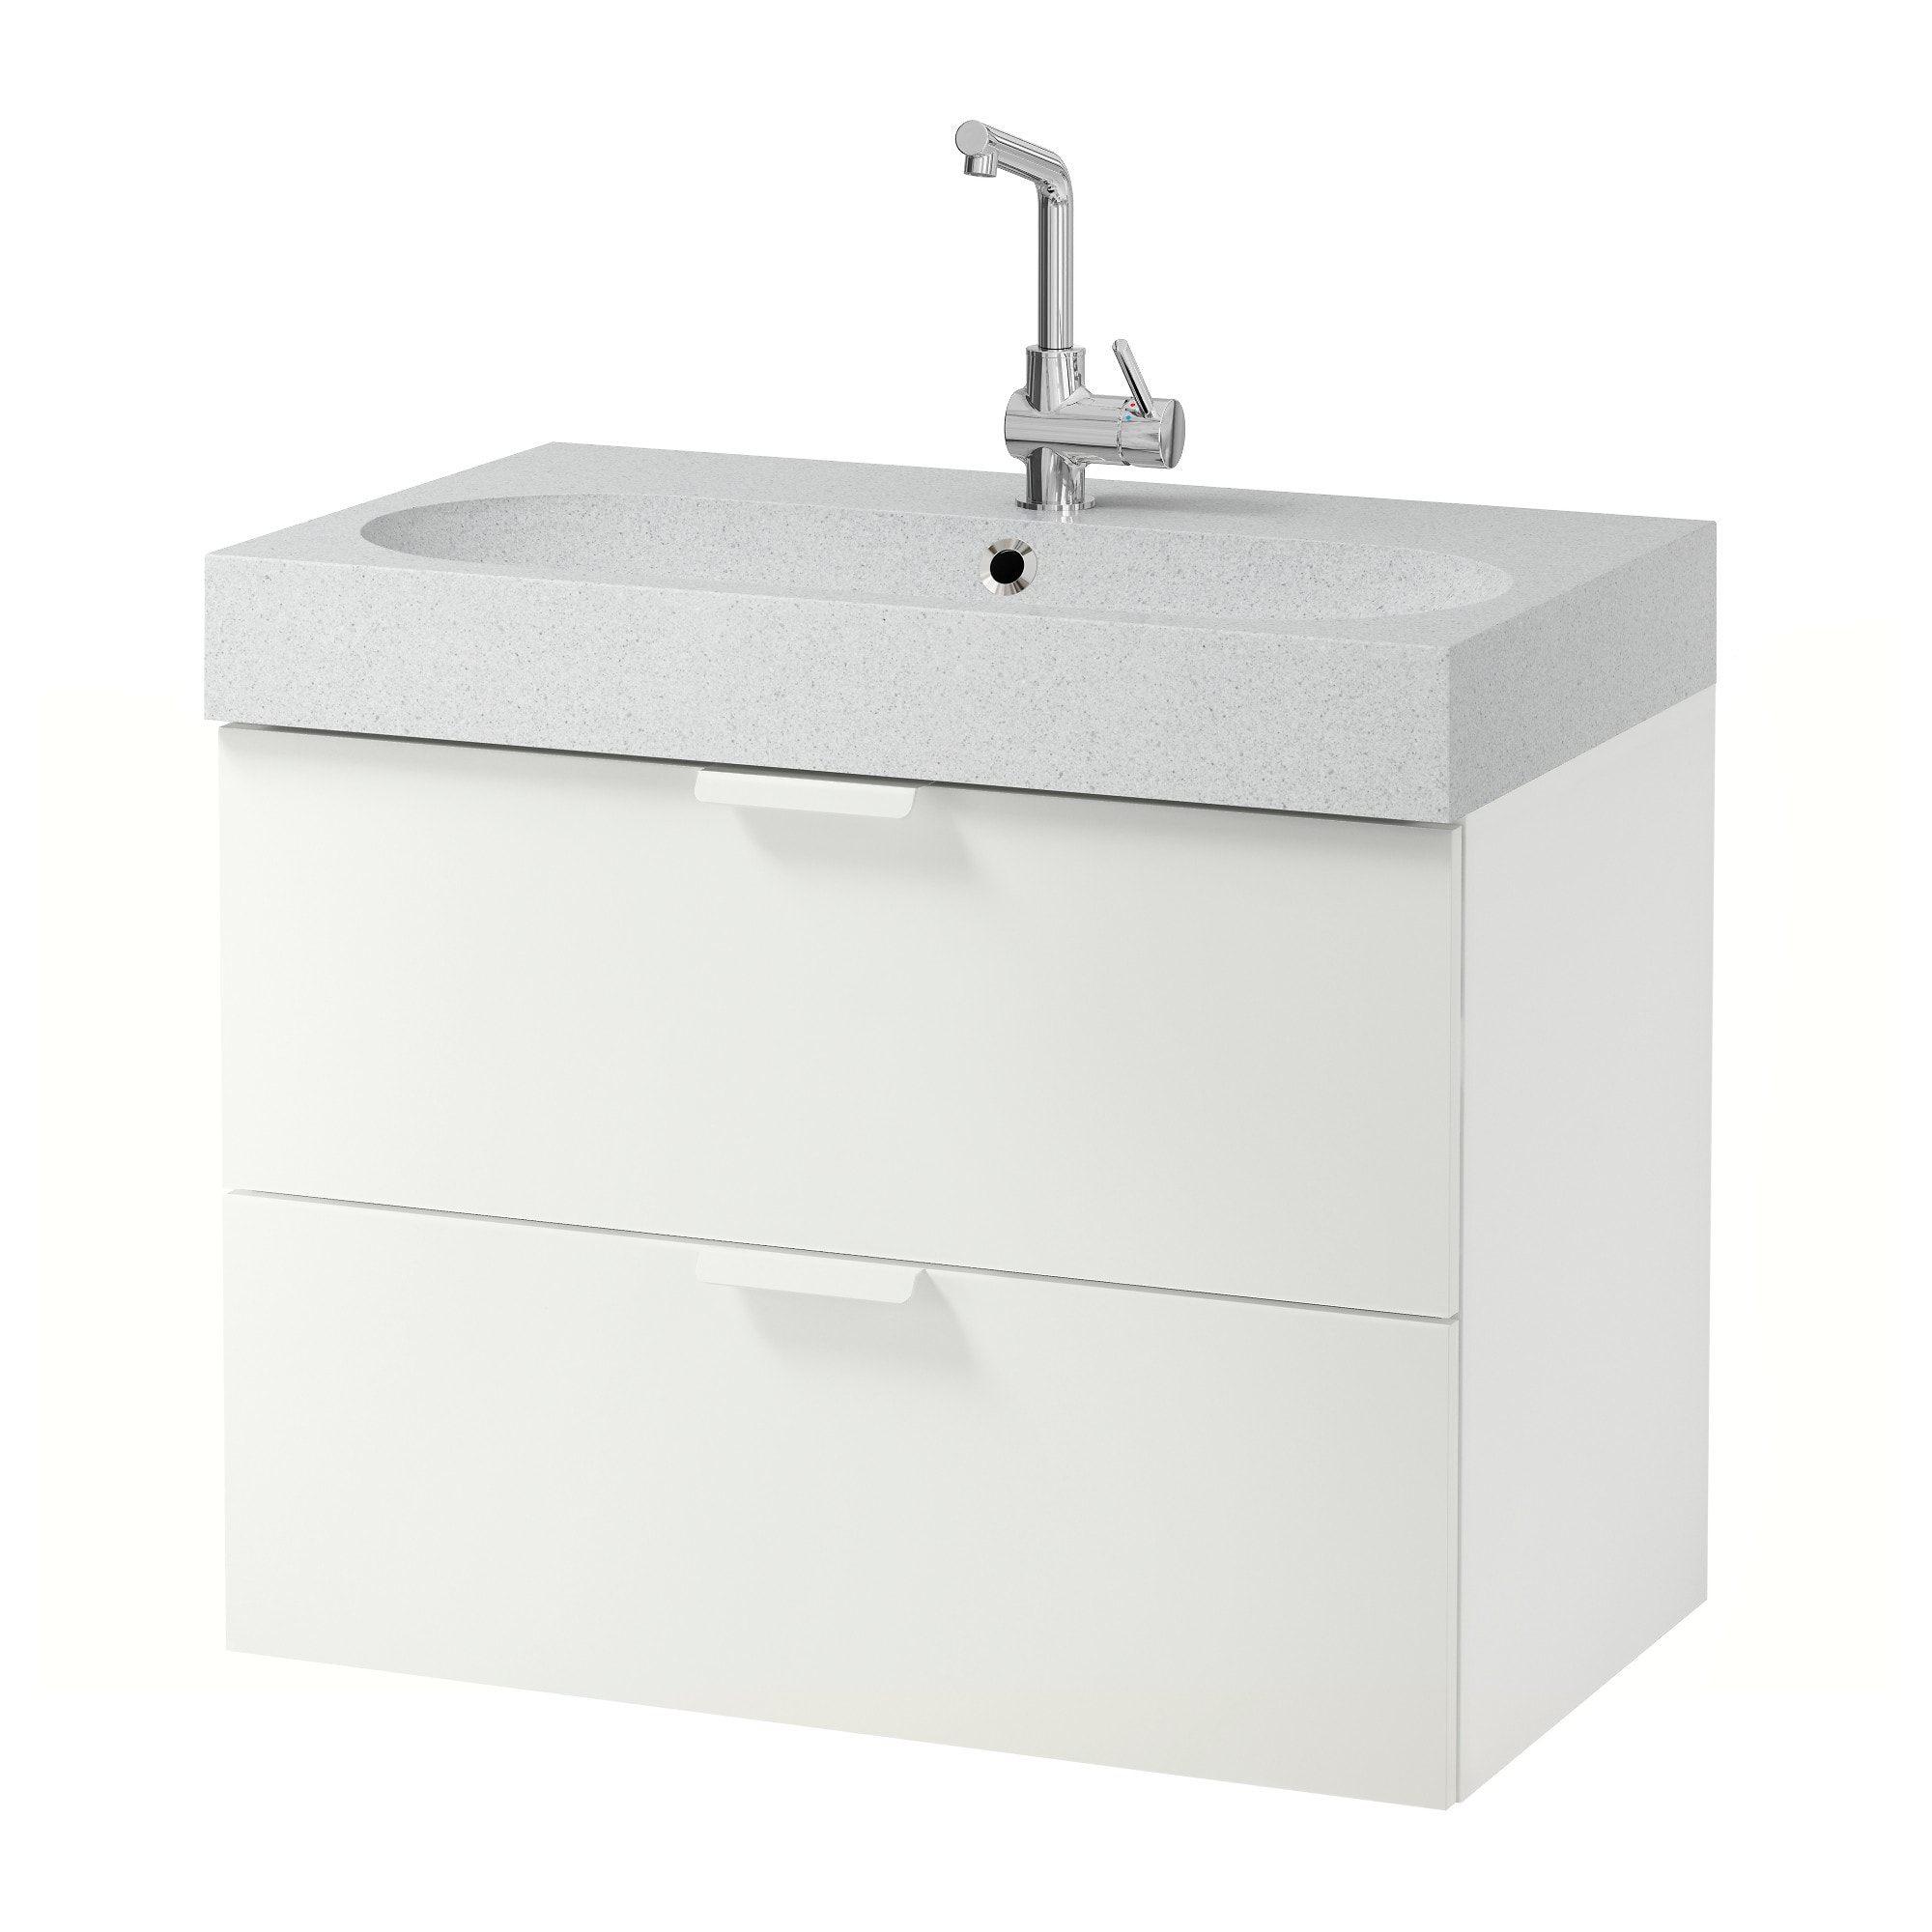 Lavabo Double Vasque Ikea Élégant Collection Meuble Lavabo Ikea Nouveau Splendide Extérieur Inspirations